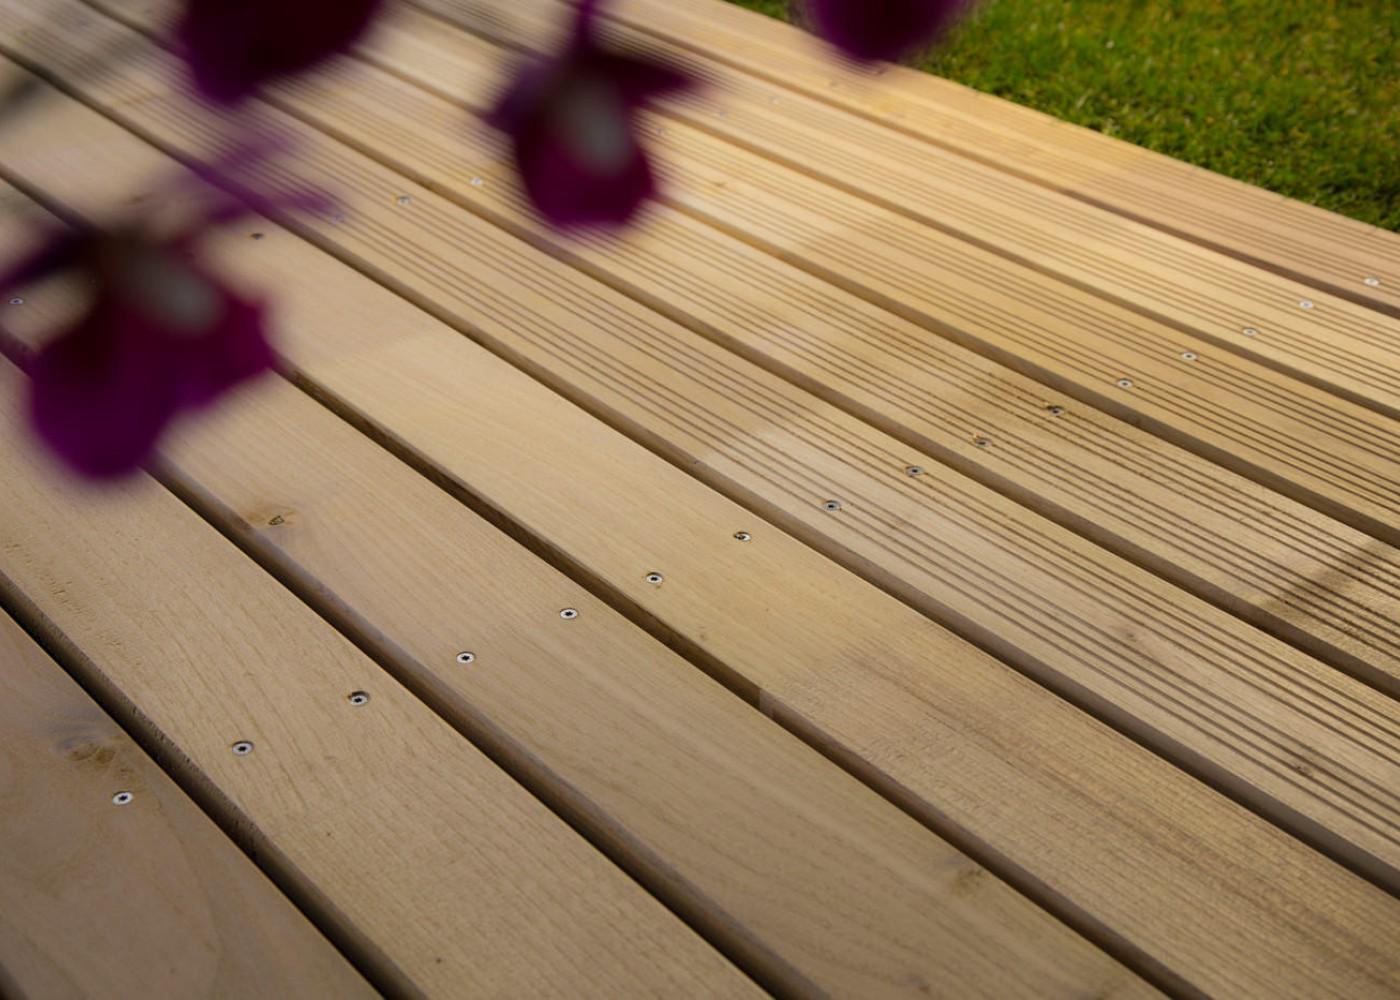 Lame de terrasse Acacia choix courant rives arrondies fixation à visser 1 face profil lisse ou 1 face profil Bombé à preciser à la commande - (longueurs: 1200-1600-2000-2400mm) - coupe droite en bout - PEFC 21x125x2400